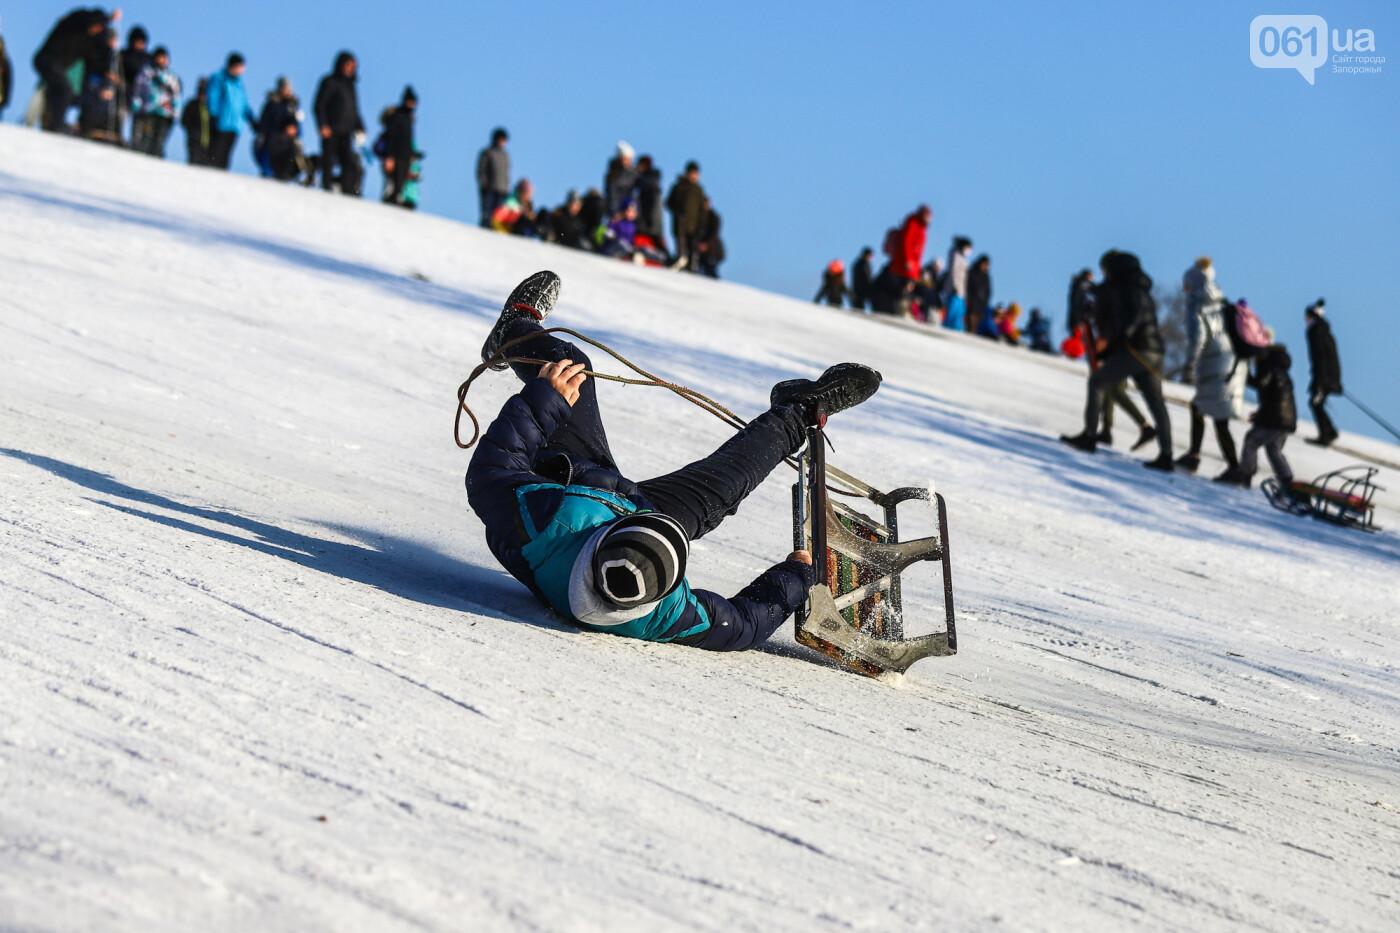 На санках, лыжах и сноуборде: запорожцы устроили массовое катание с горок в Вознесеновском парке, - ФОТОРЕПОРТАЖ, фото-85